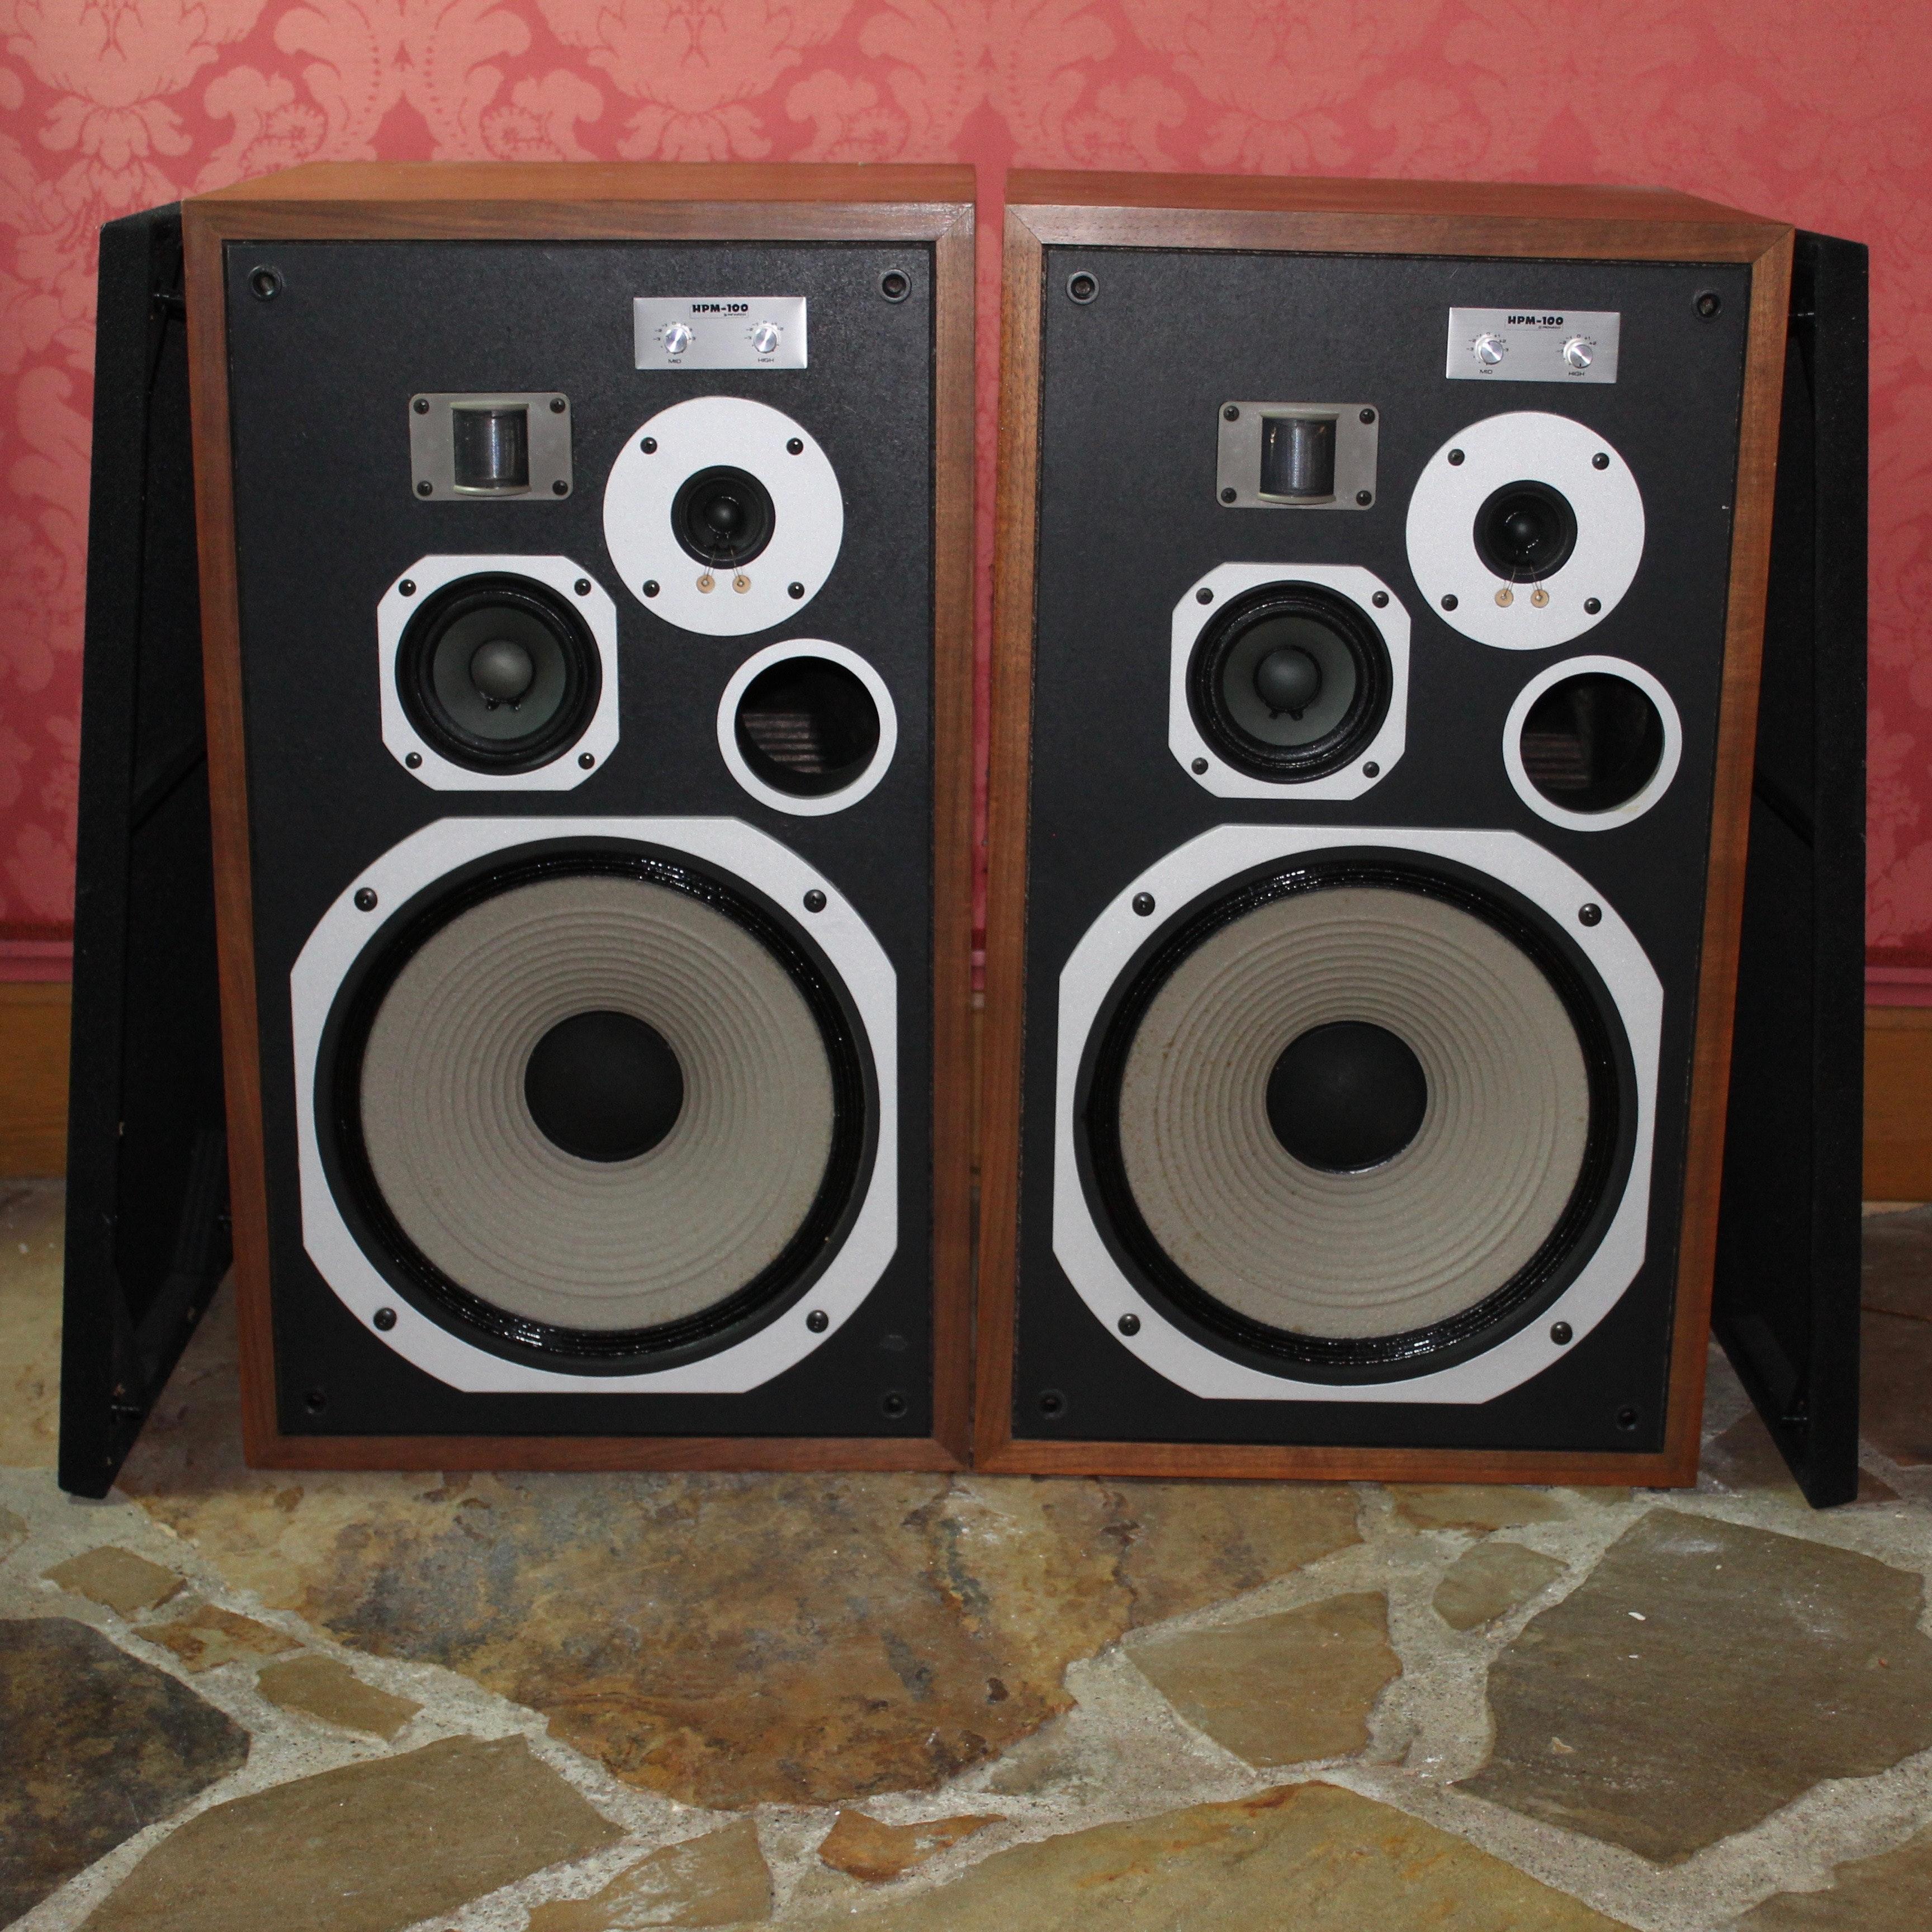 Vintage Pioneer HPM-100 Floor Speakers 200 Watt Versions